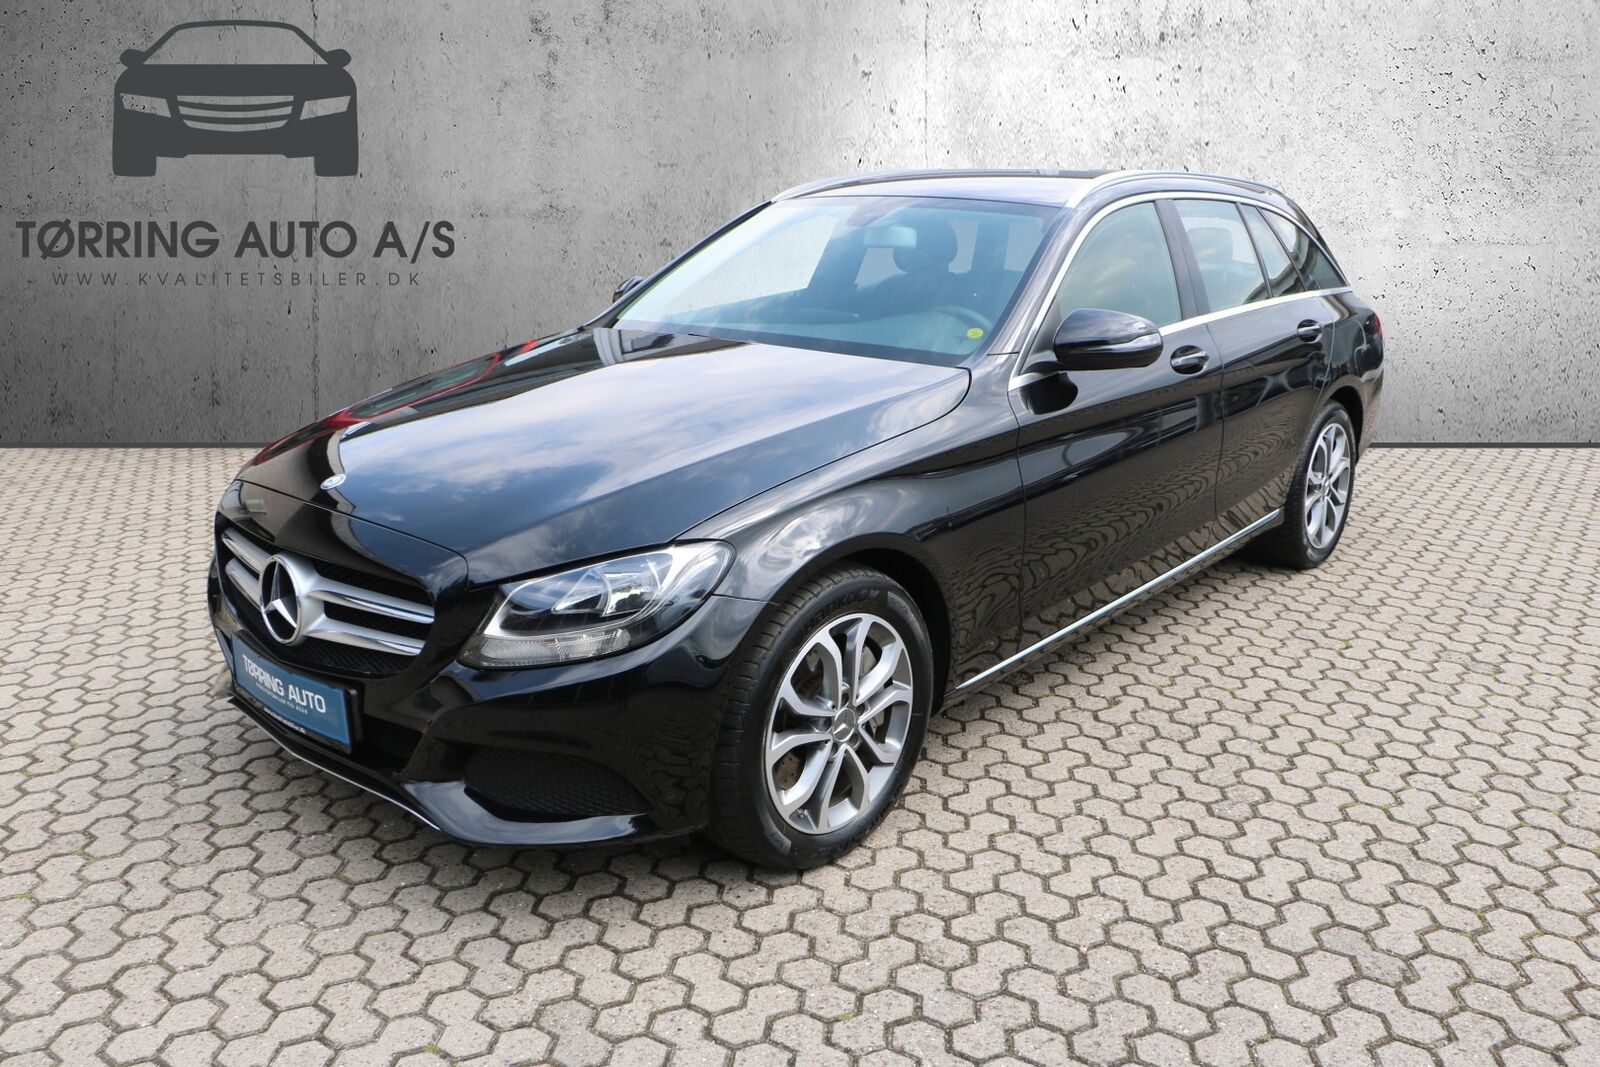 Mercedes C350 e 2,0 stc. aut. 5d